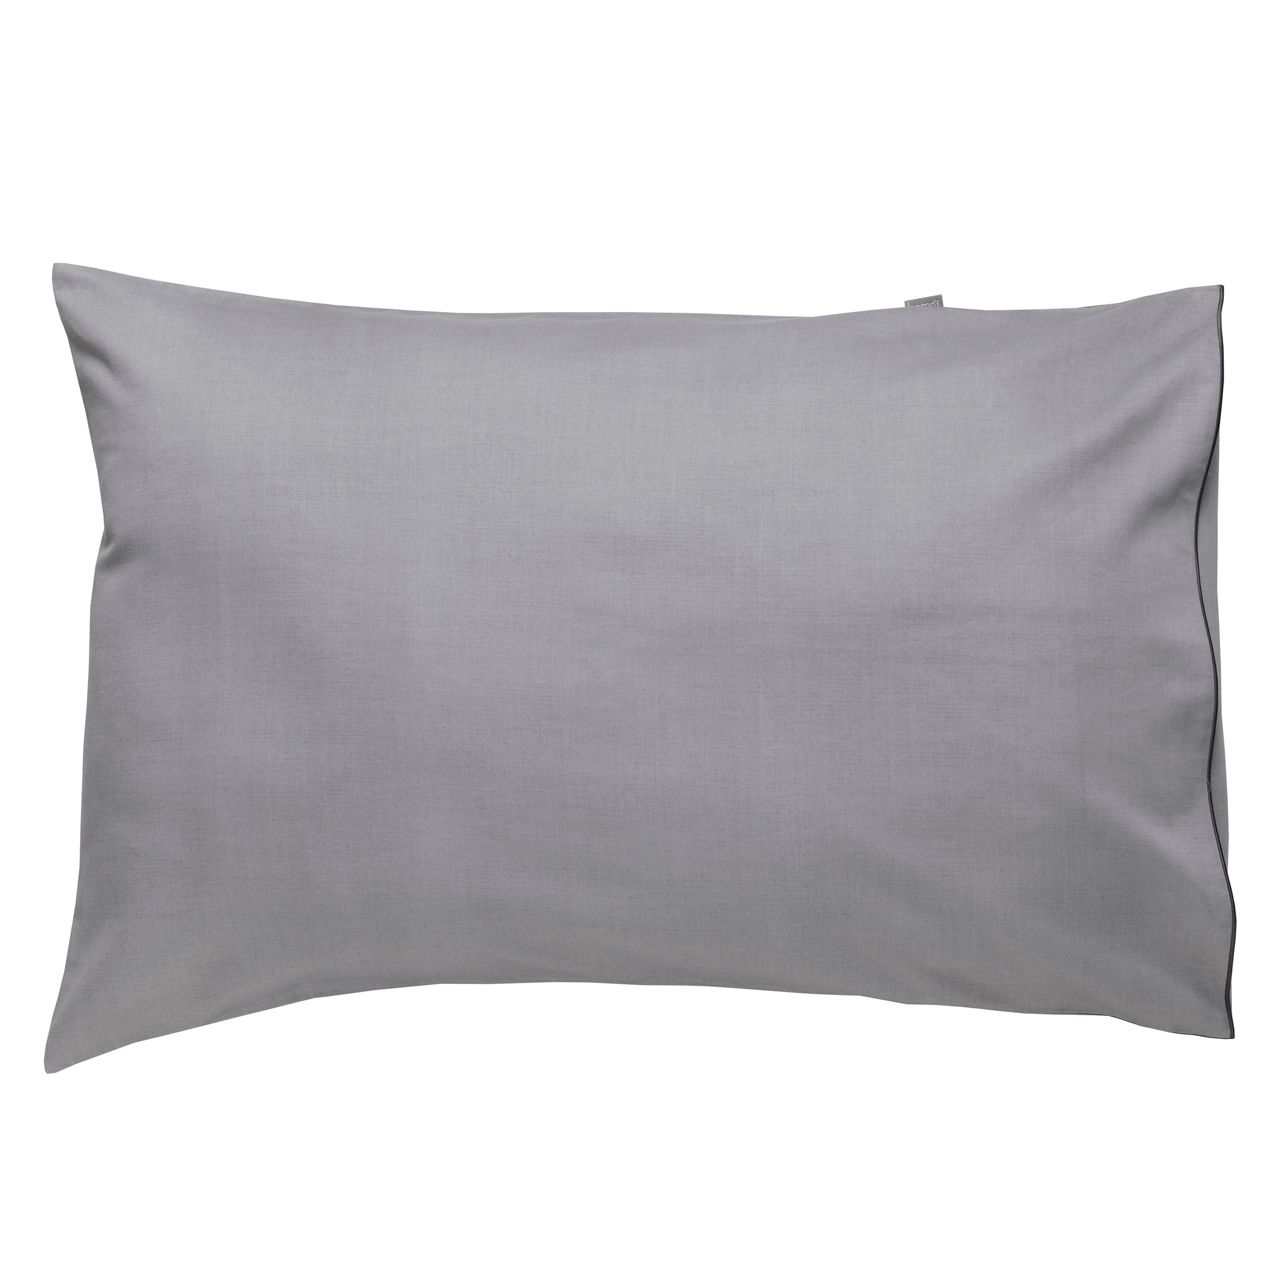 ピローケース / 封筒型スタンダード・クイーン / 50×75cm / Home Concept(ホームコンセプト) / ブロウ